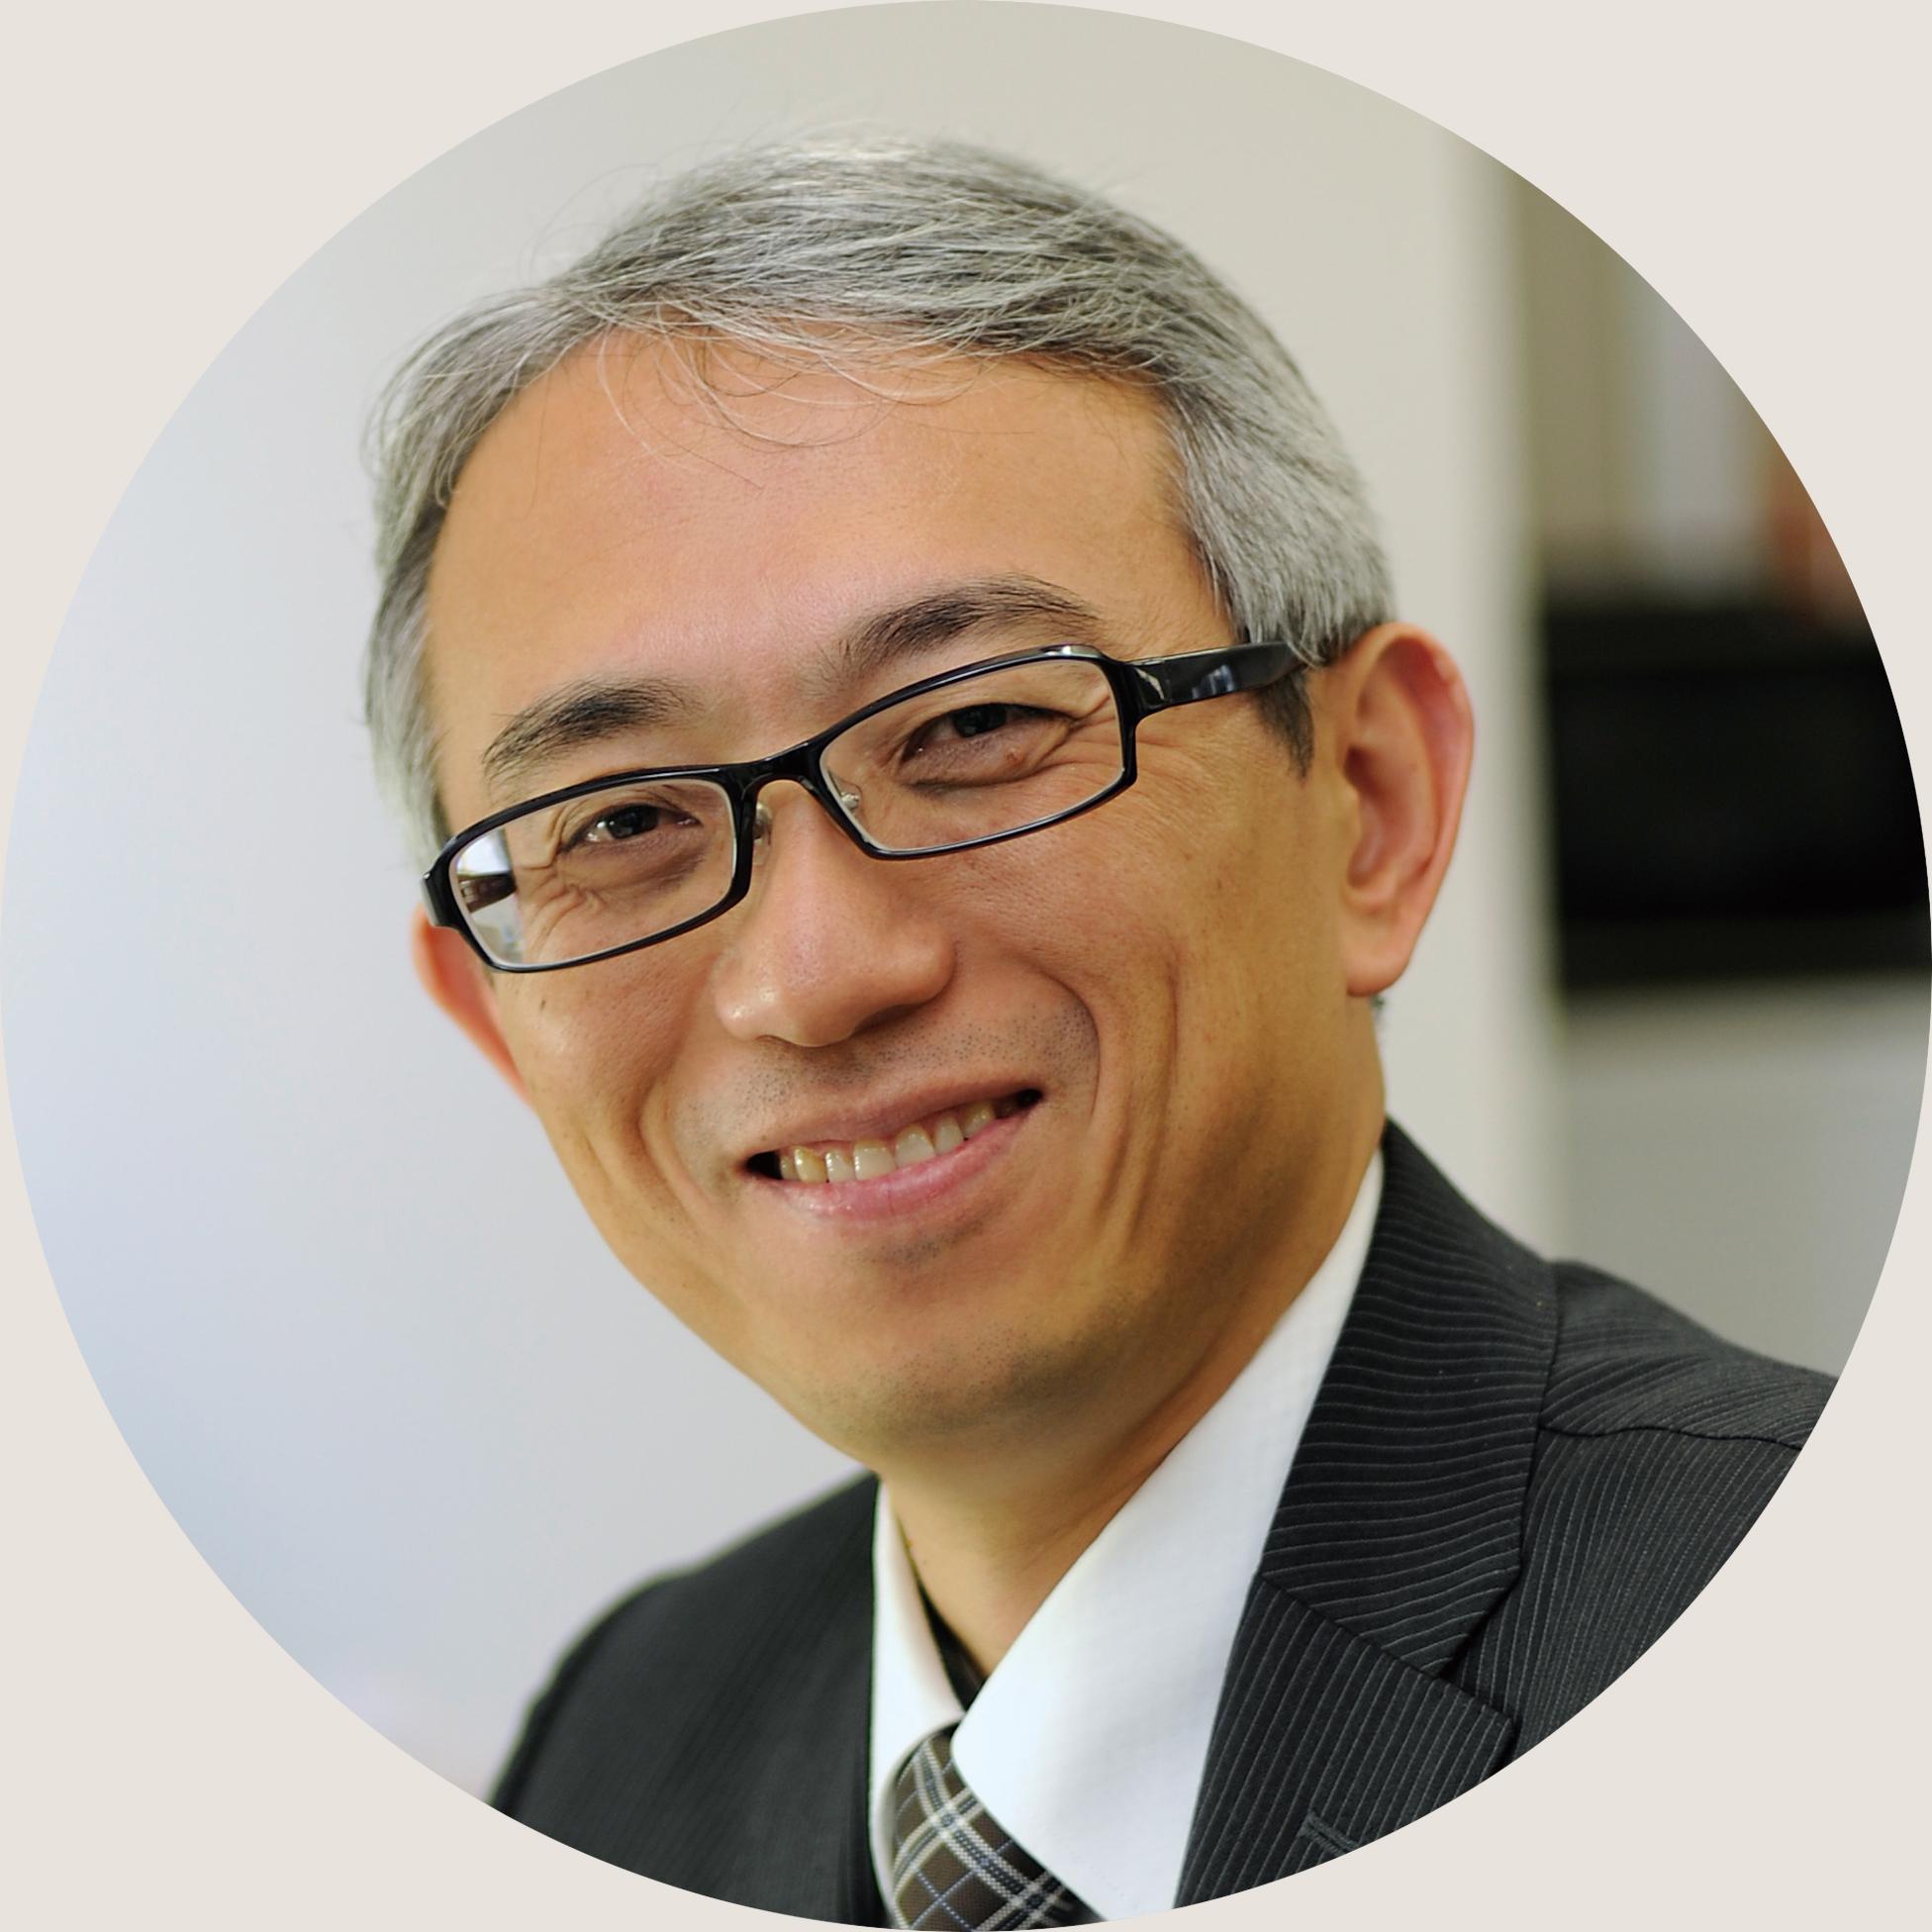 採購人員齋藤真言先生所敬佩的GINZA DIAMOND SHIRAISHI的專業是什麼?